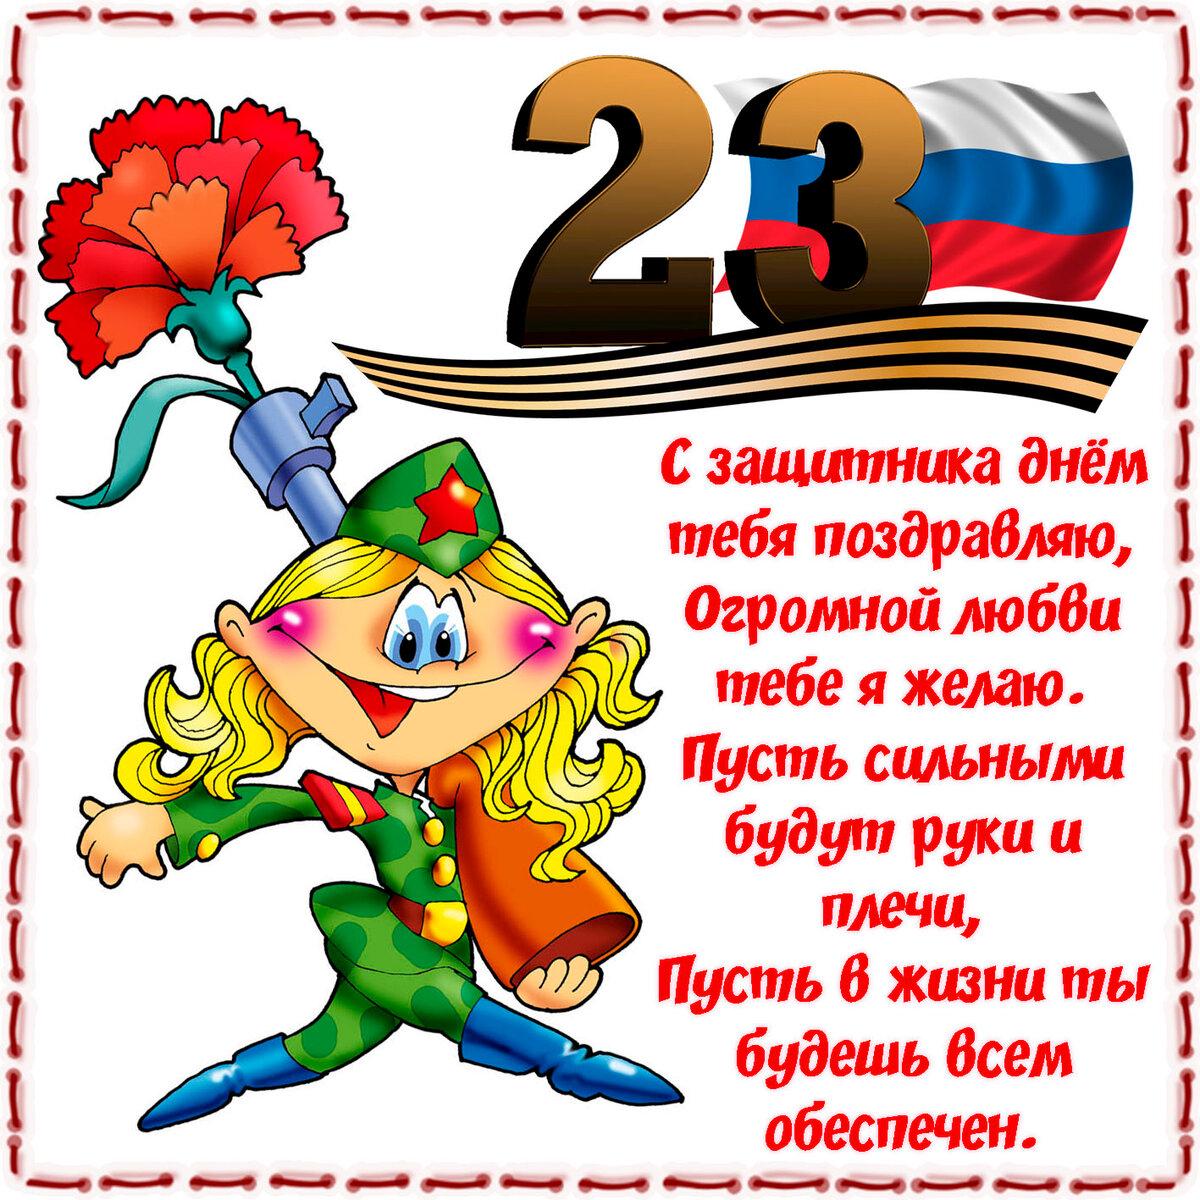 поздравление к 23 февраля бывшему